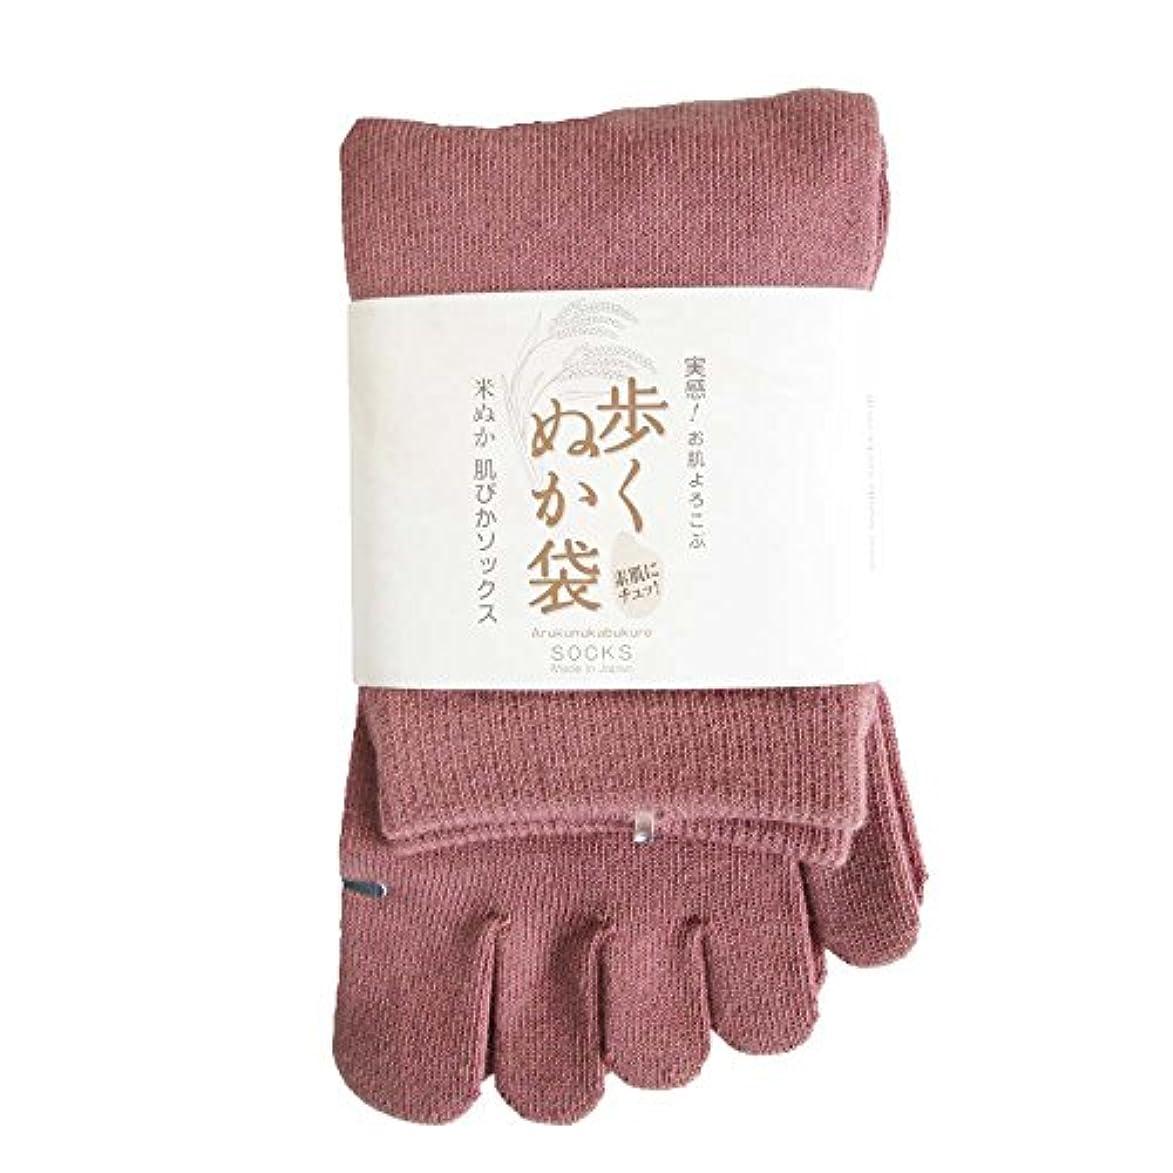 折一次箱歩くぬか袋 米ぬかシリコン五本指 23-25cm ピンク